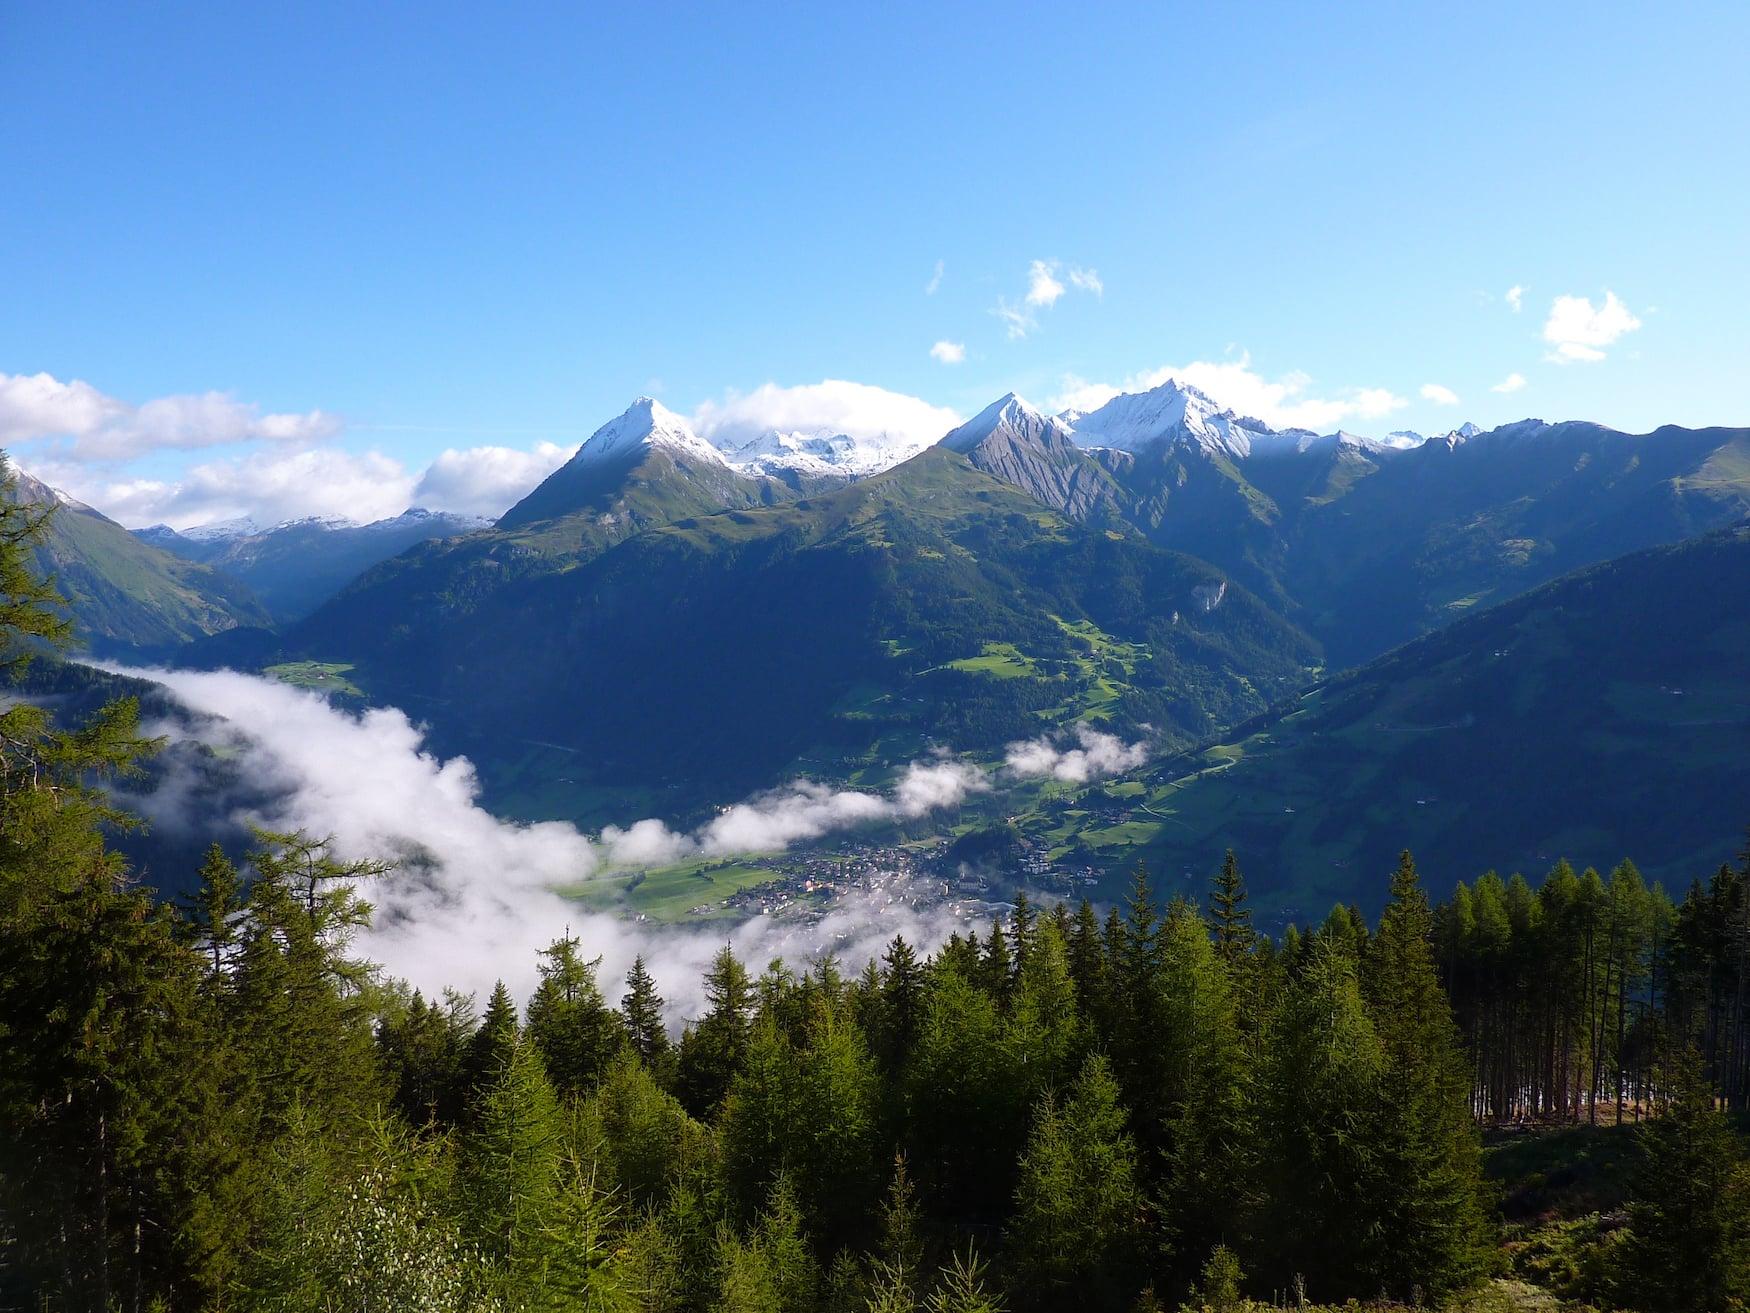 Blick auf das Bergdorf Matrei in Österreich